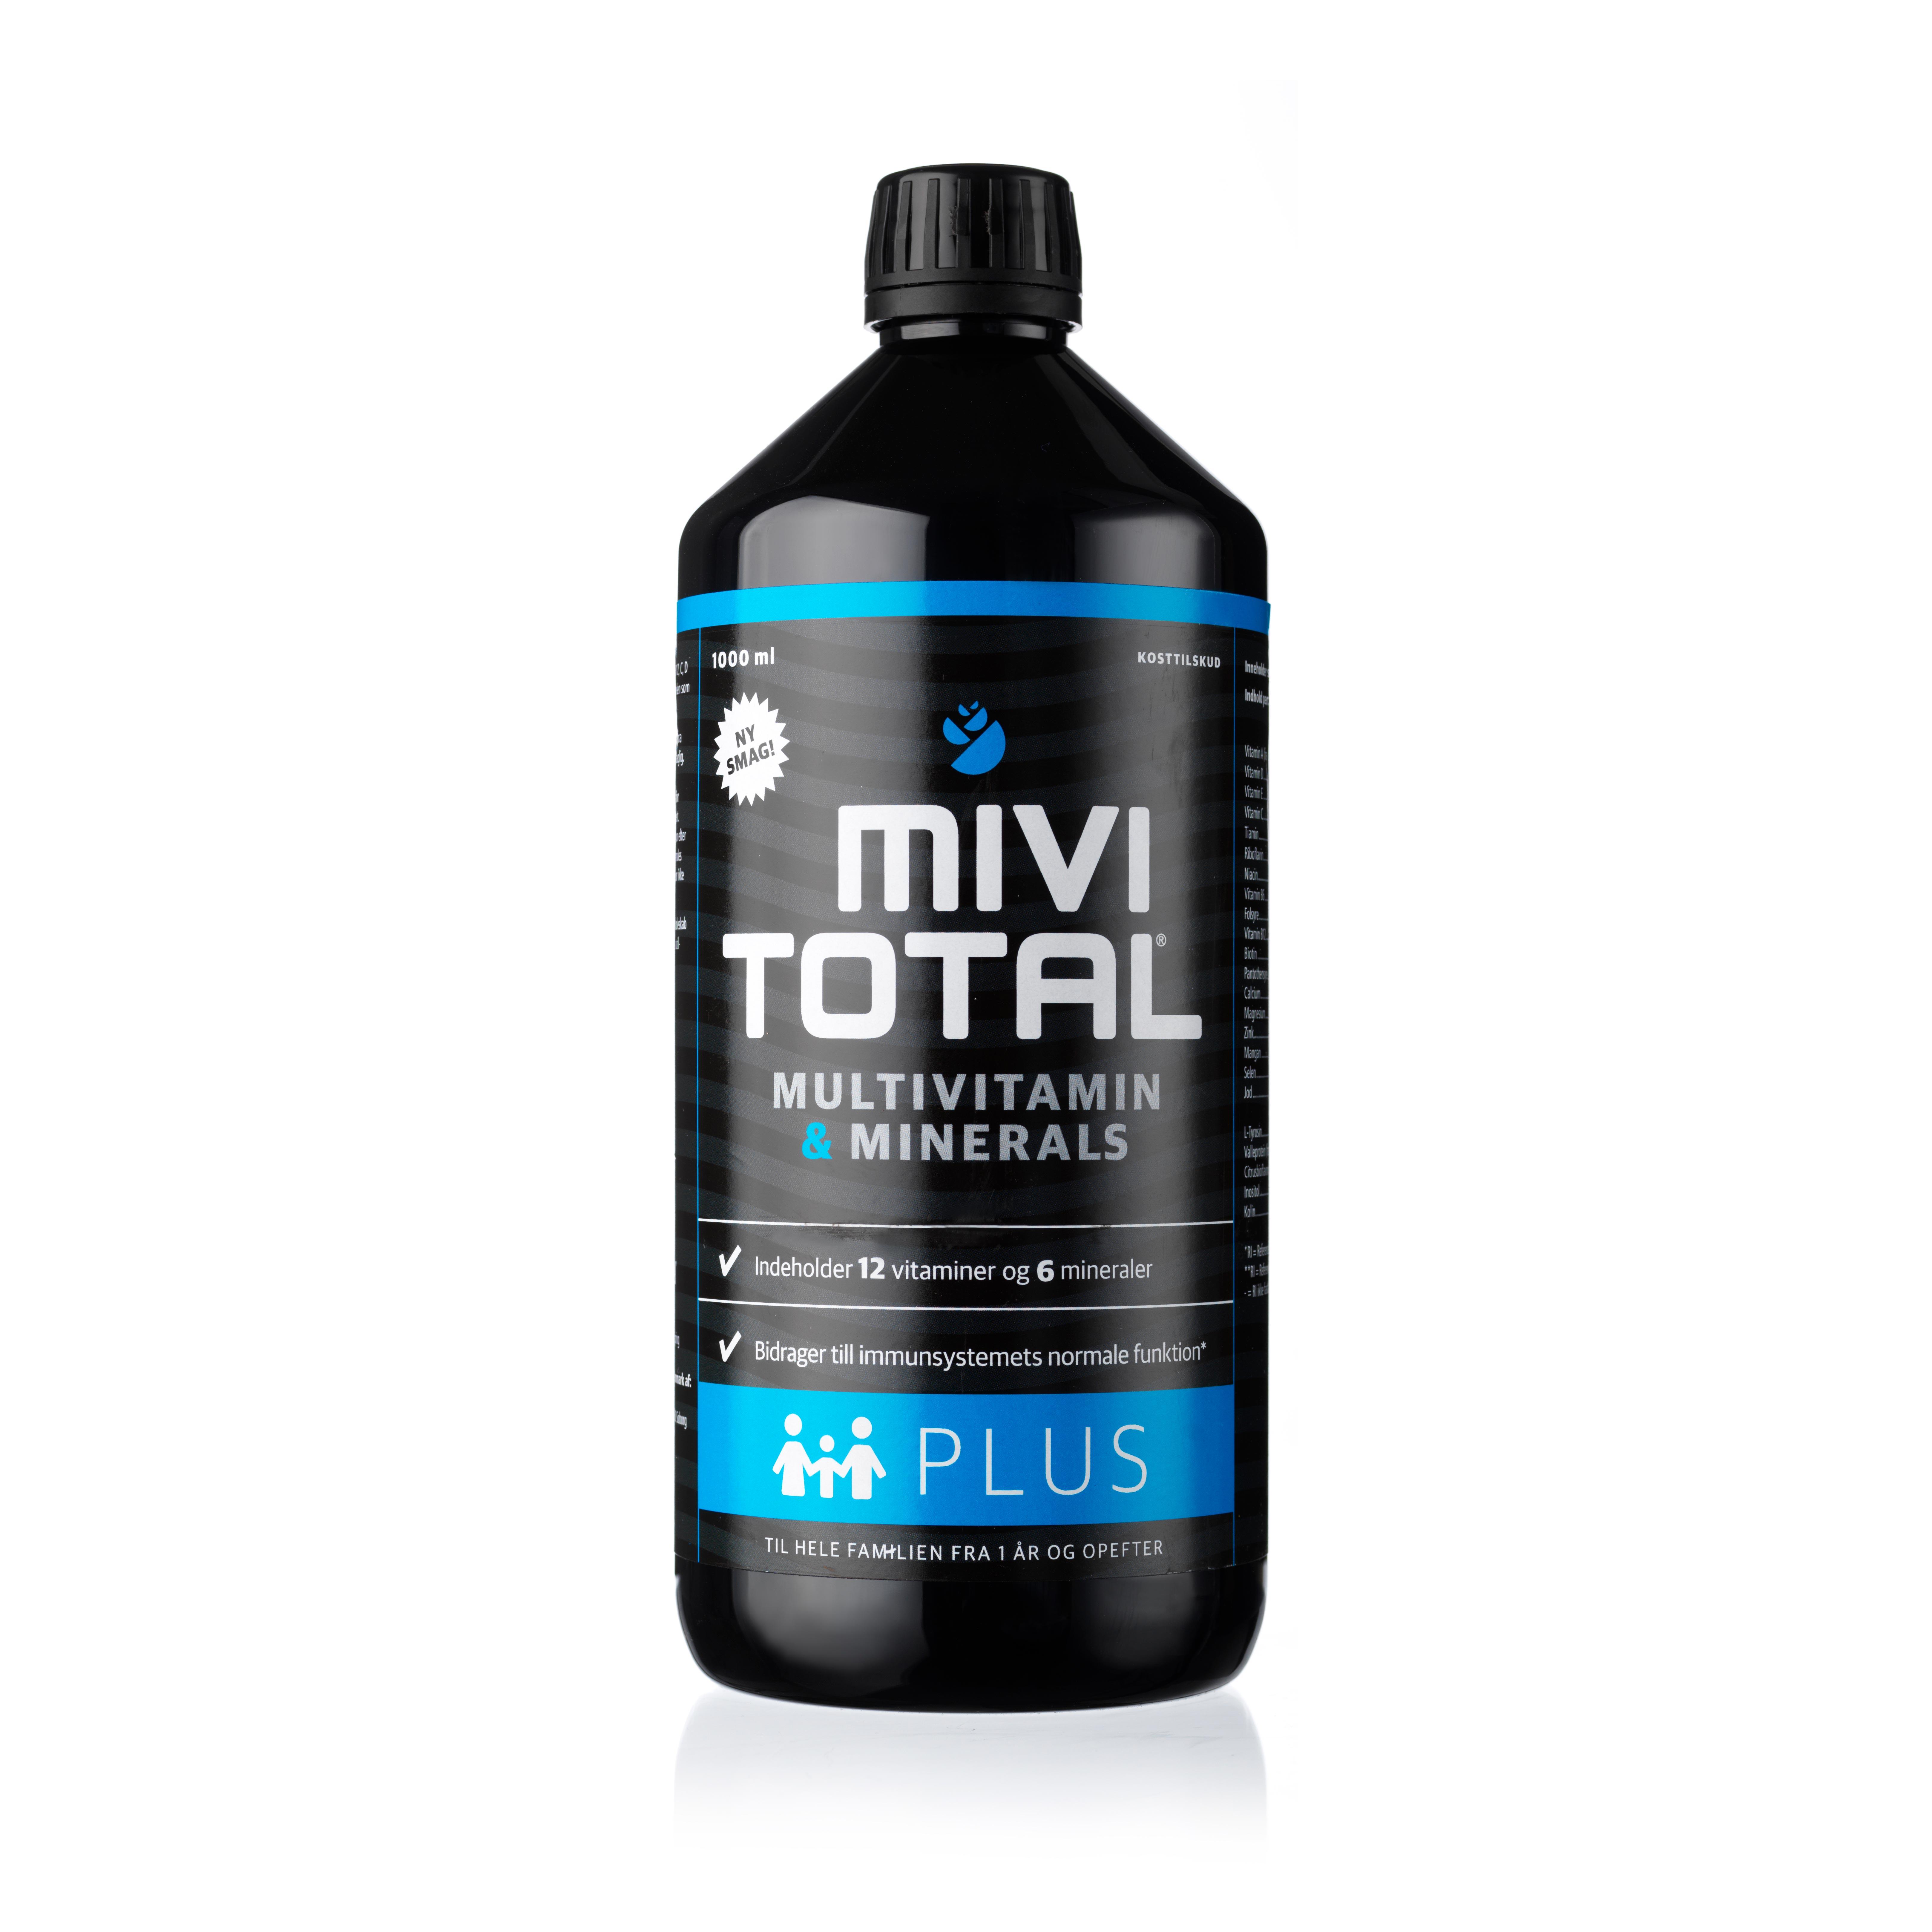 Billede af Mivi Total Plus - 1 liter